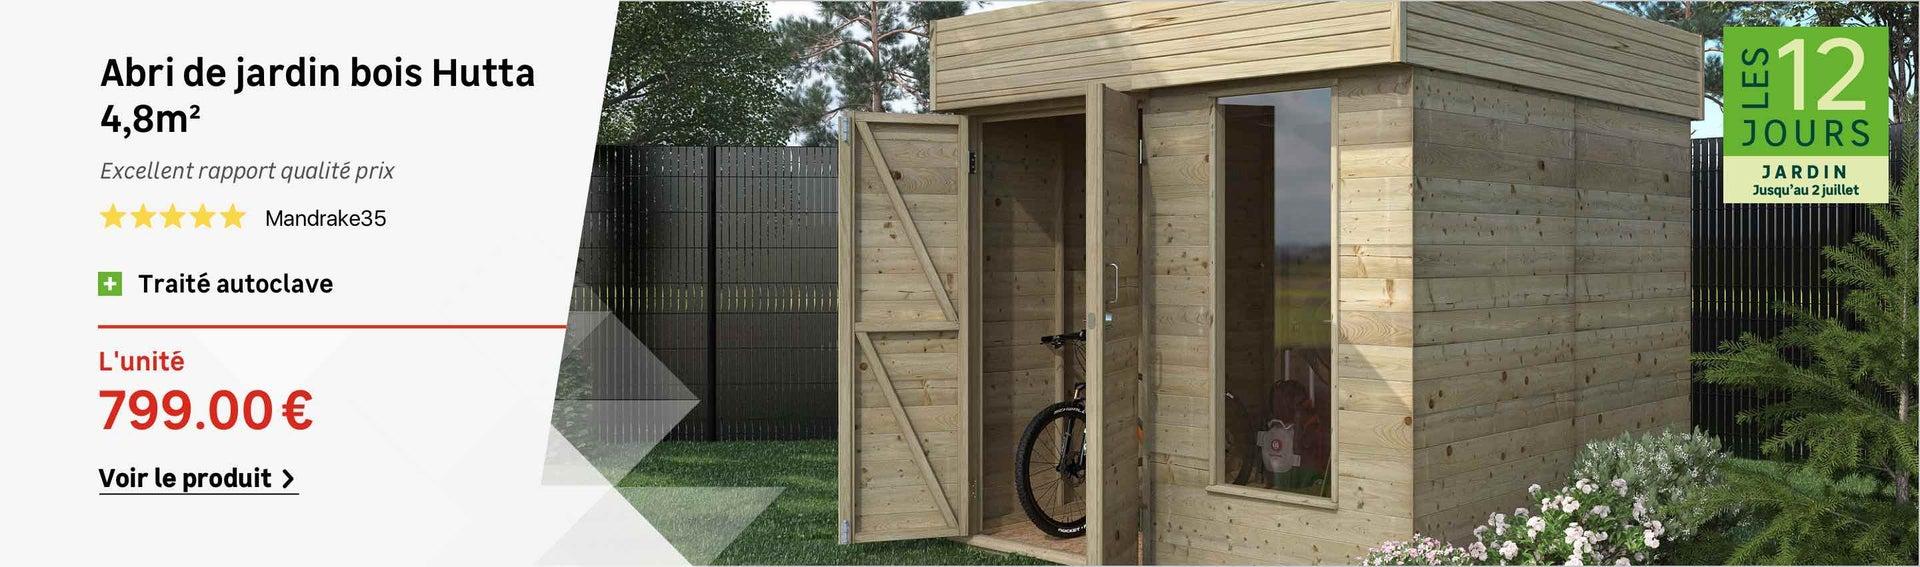 Abri de jardin, cabane, chalet, kiosque, garage   Leroy Merlin